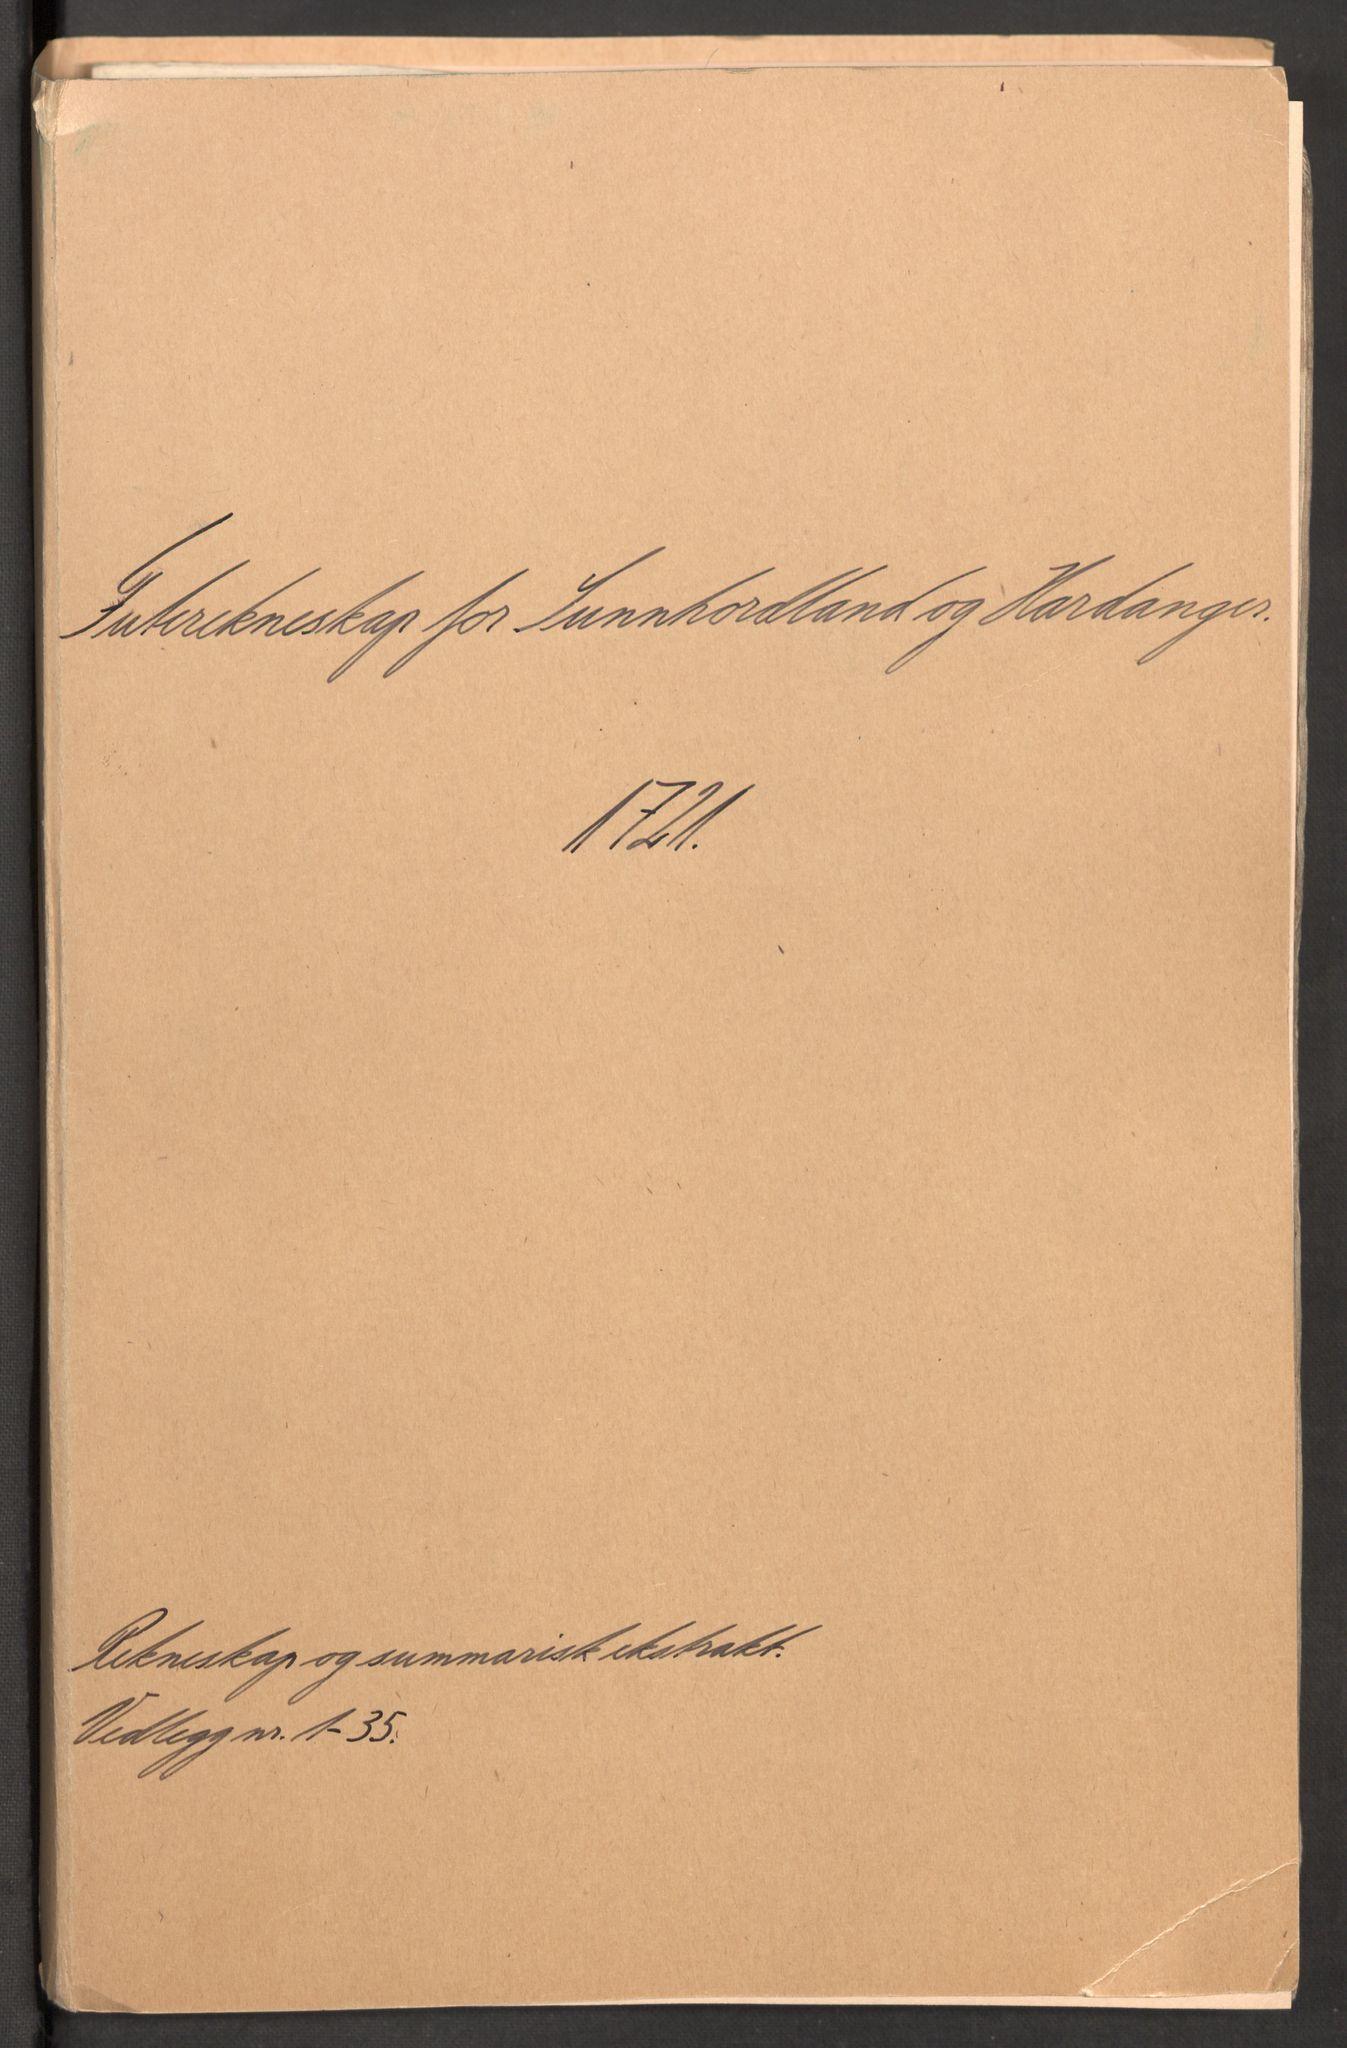 RA, Rentekammeret inntil 1814, Reviderte regnskaper, Fogderegnskap, R48/L3000: Fogderegnskap Sunnhordland og Hardanger, 1721, s. 2